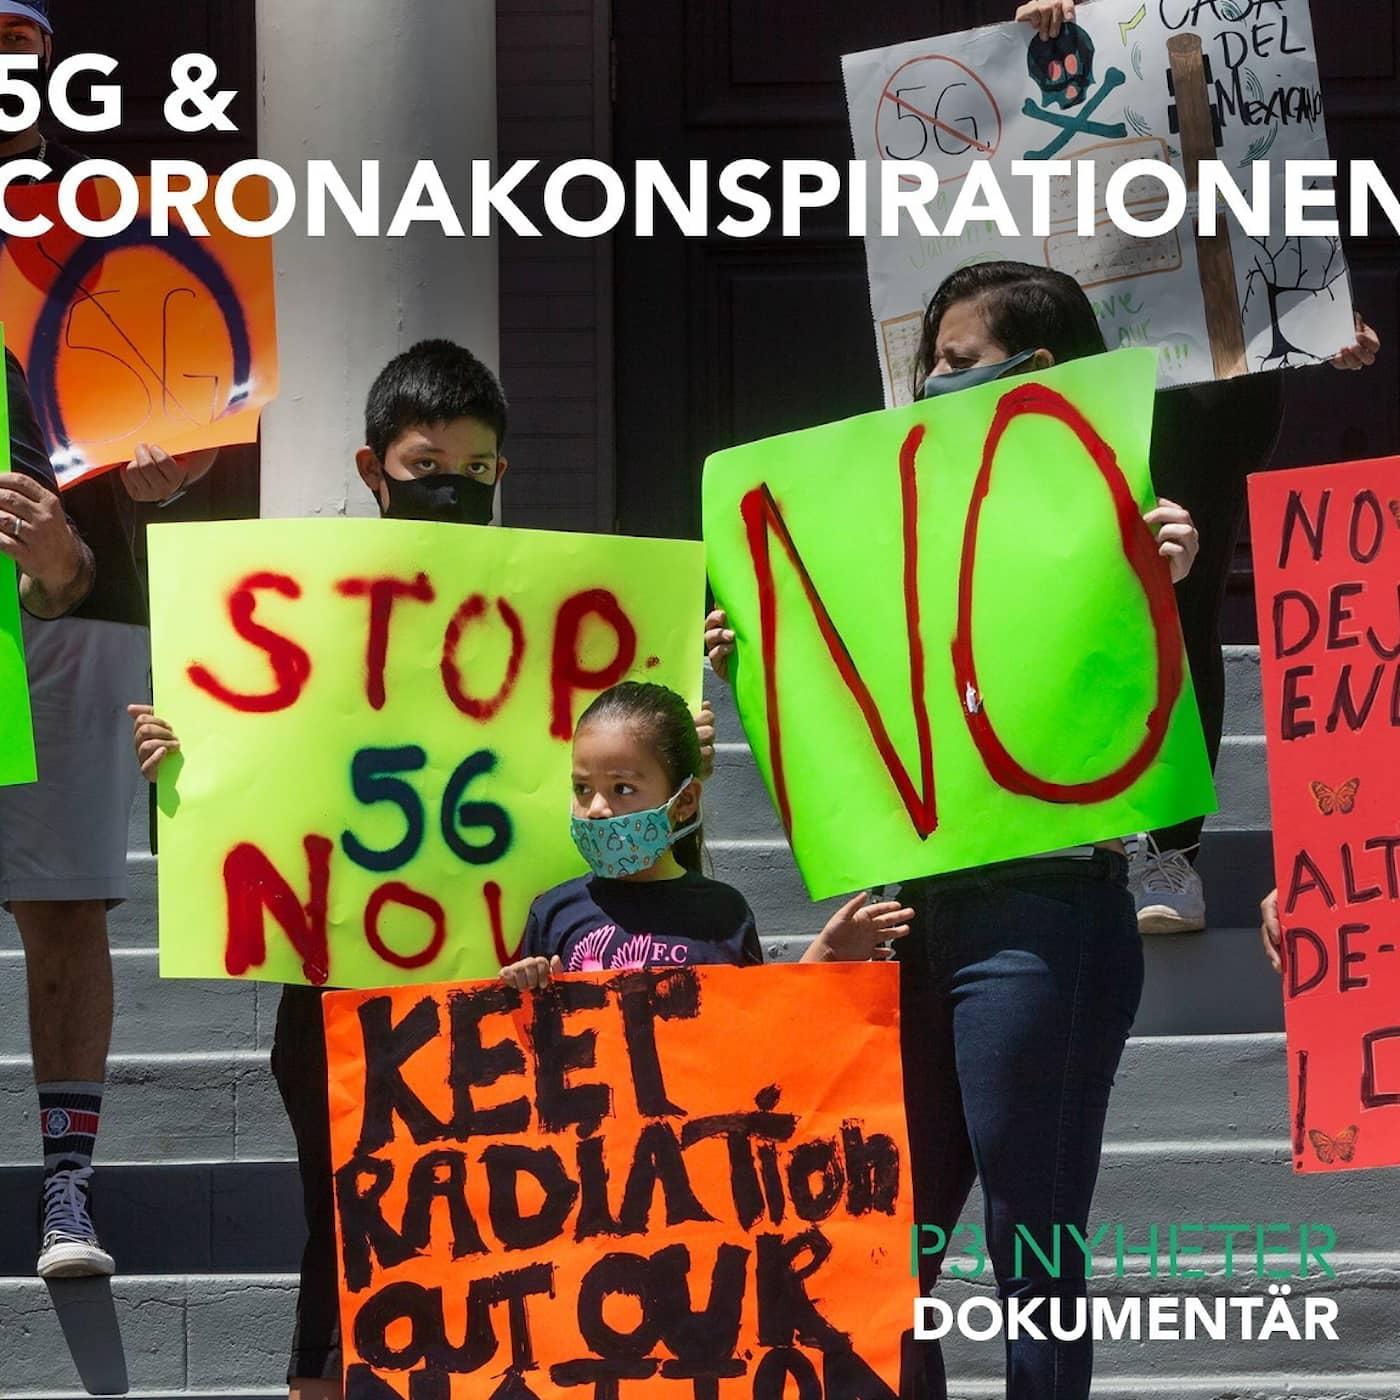 5G och coronakonspirationen